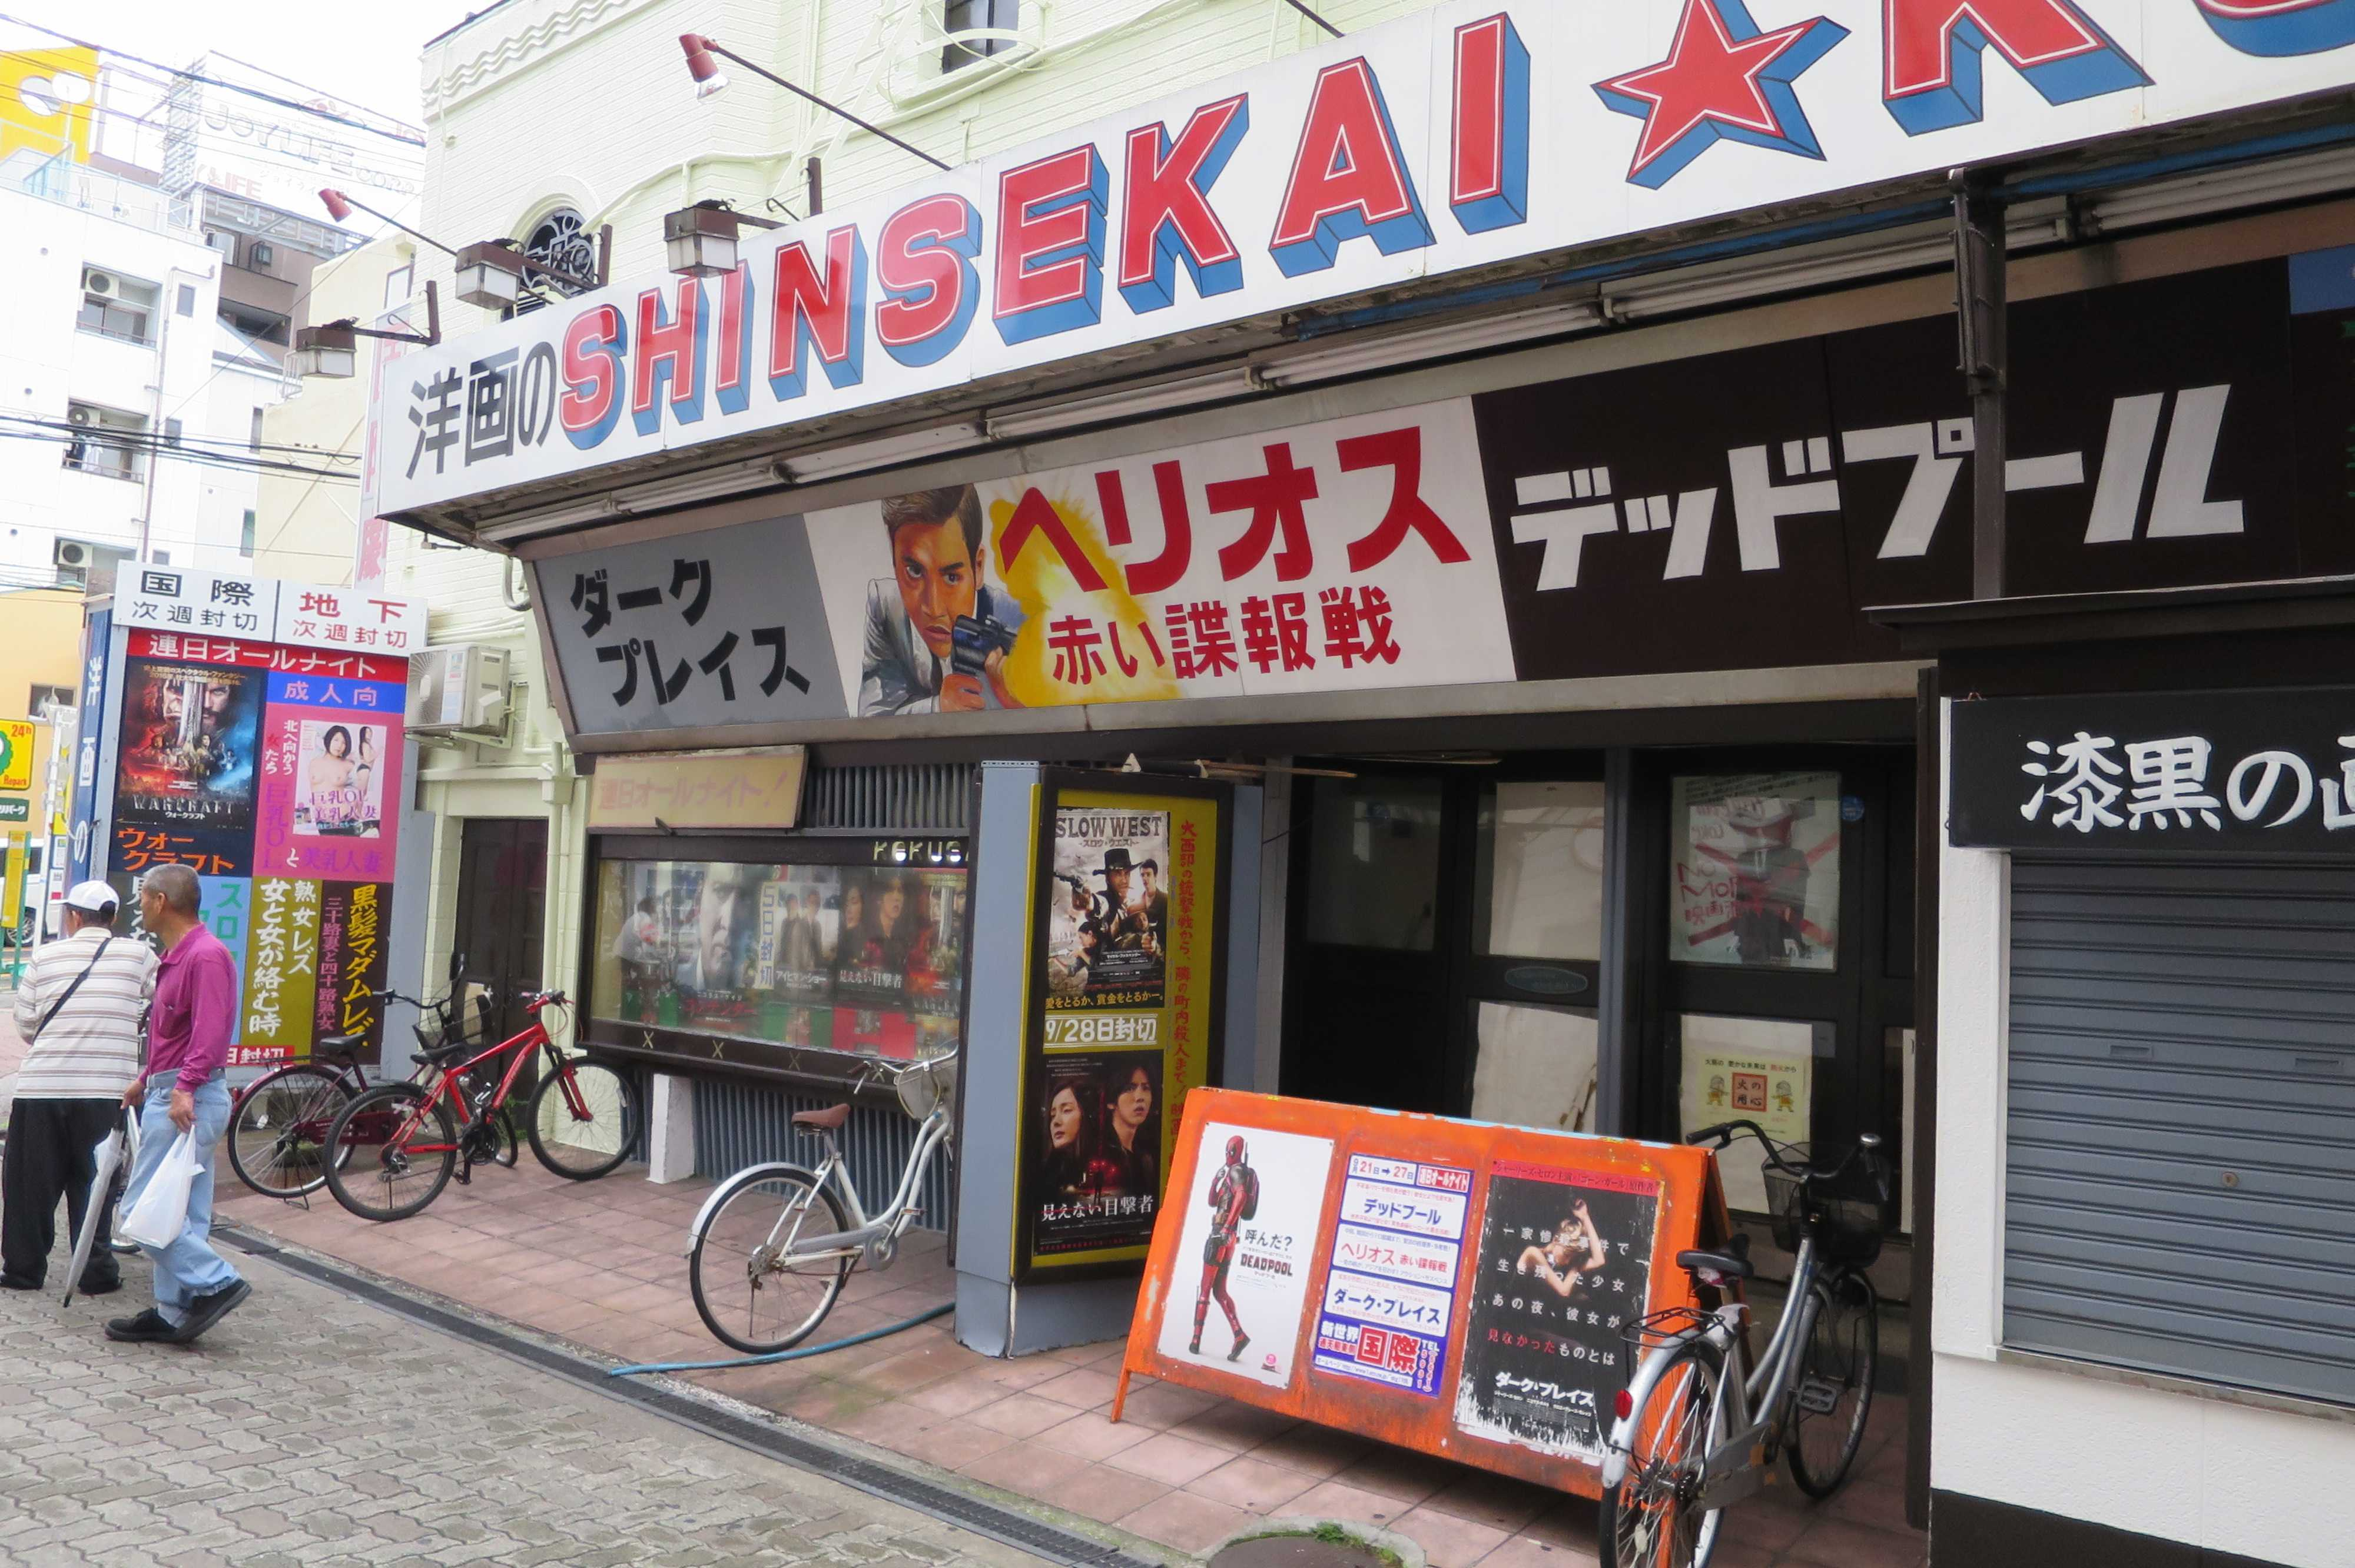 大阪国際劇場のレトロでノスタルジックな手描きの映画看板